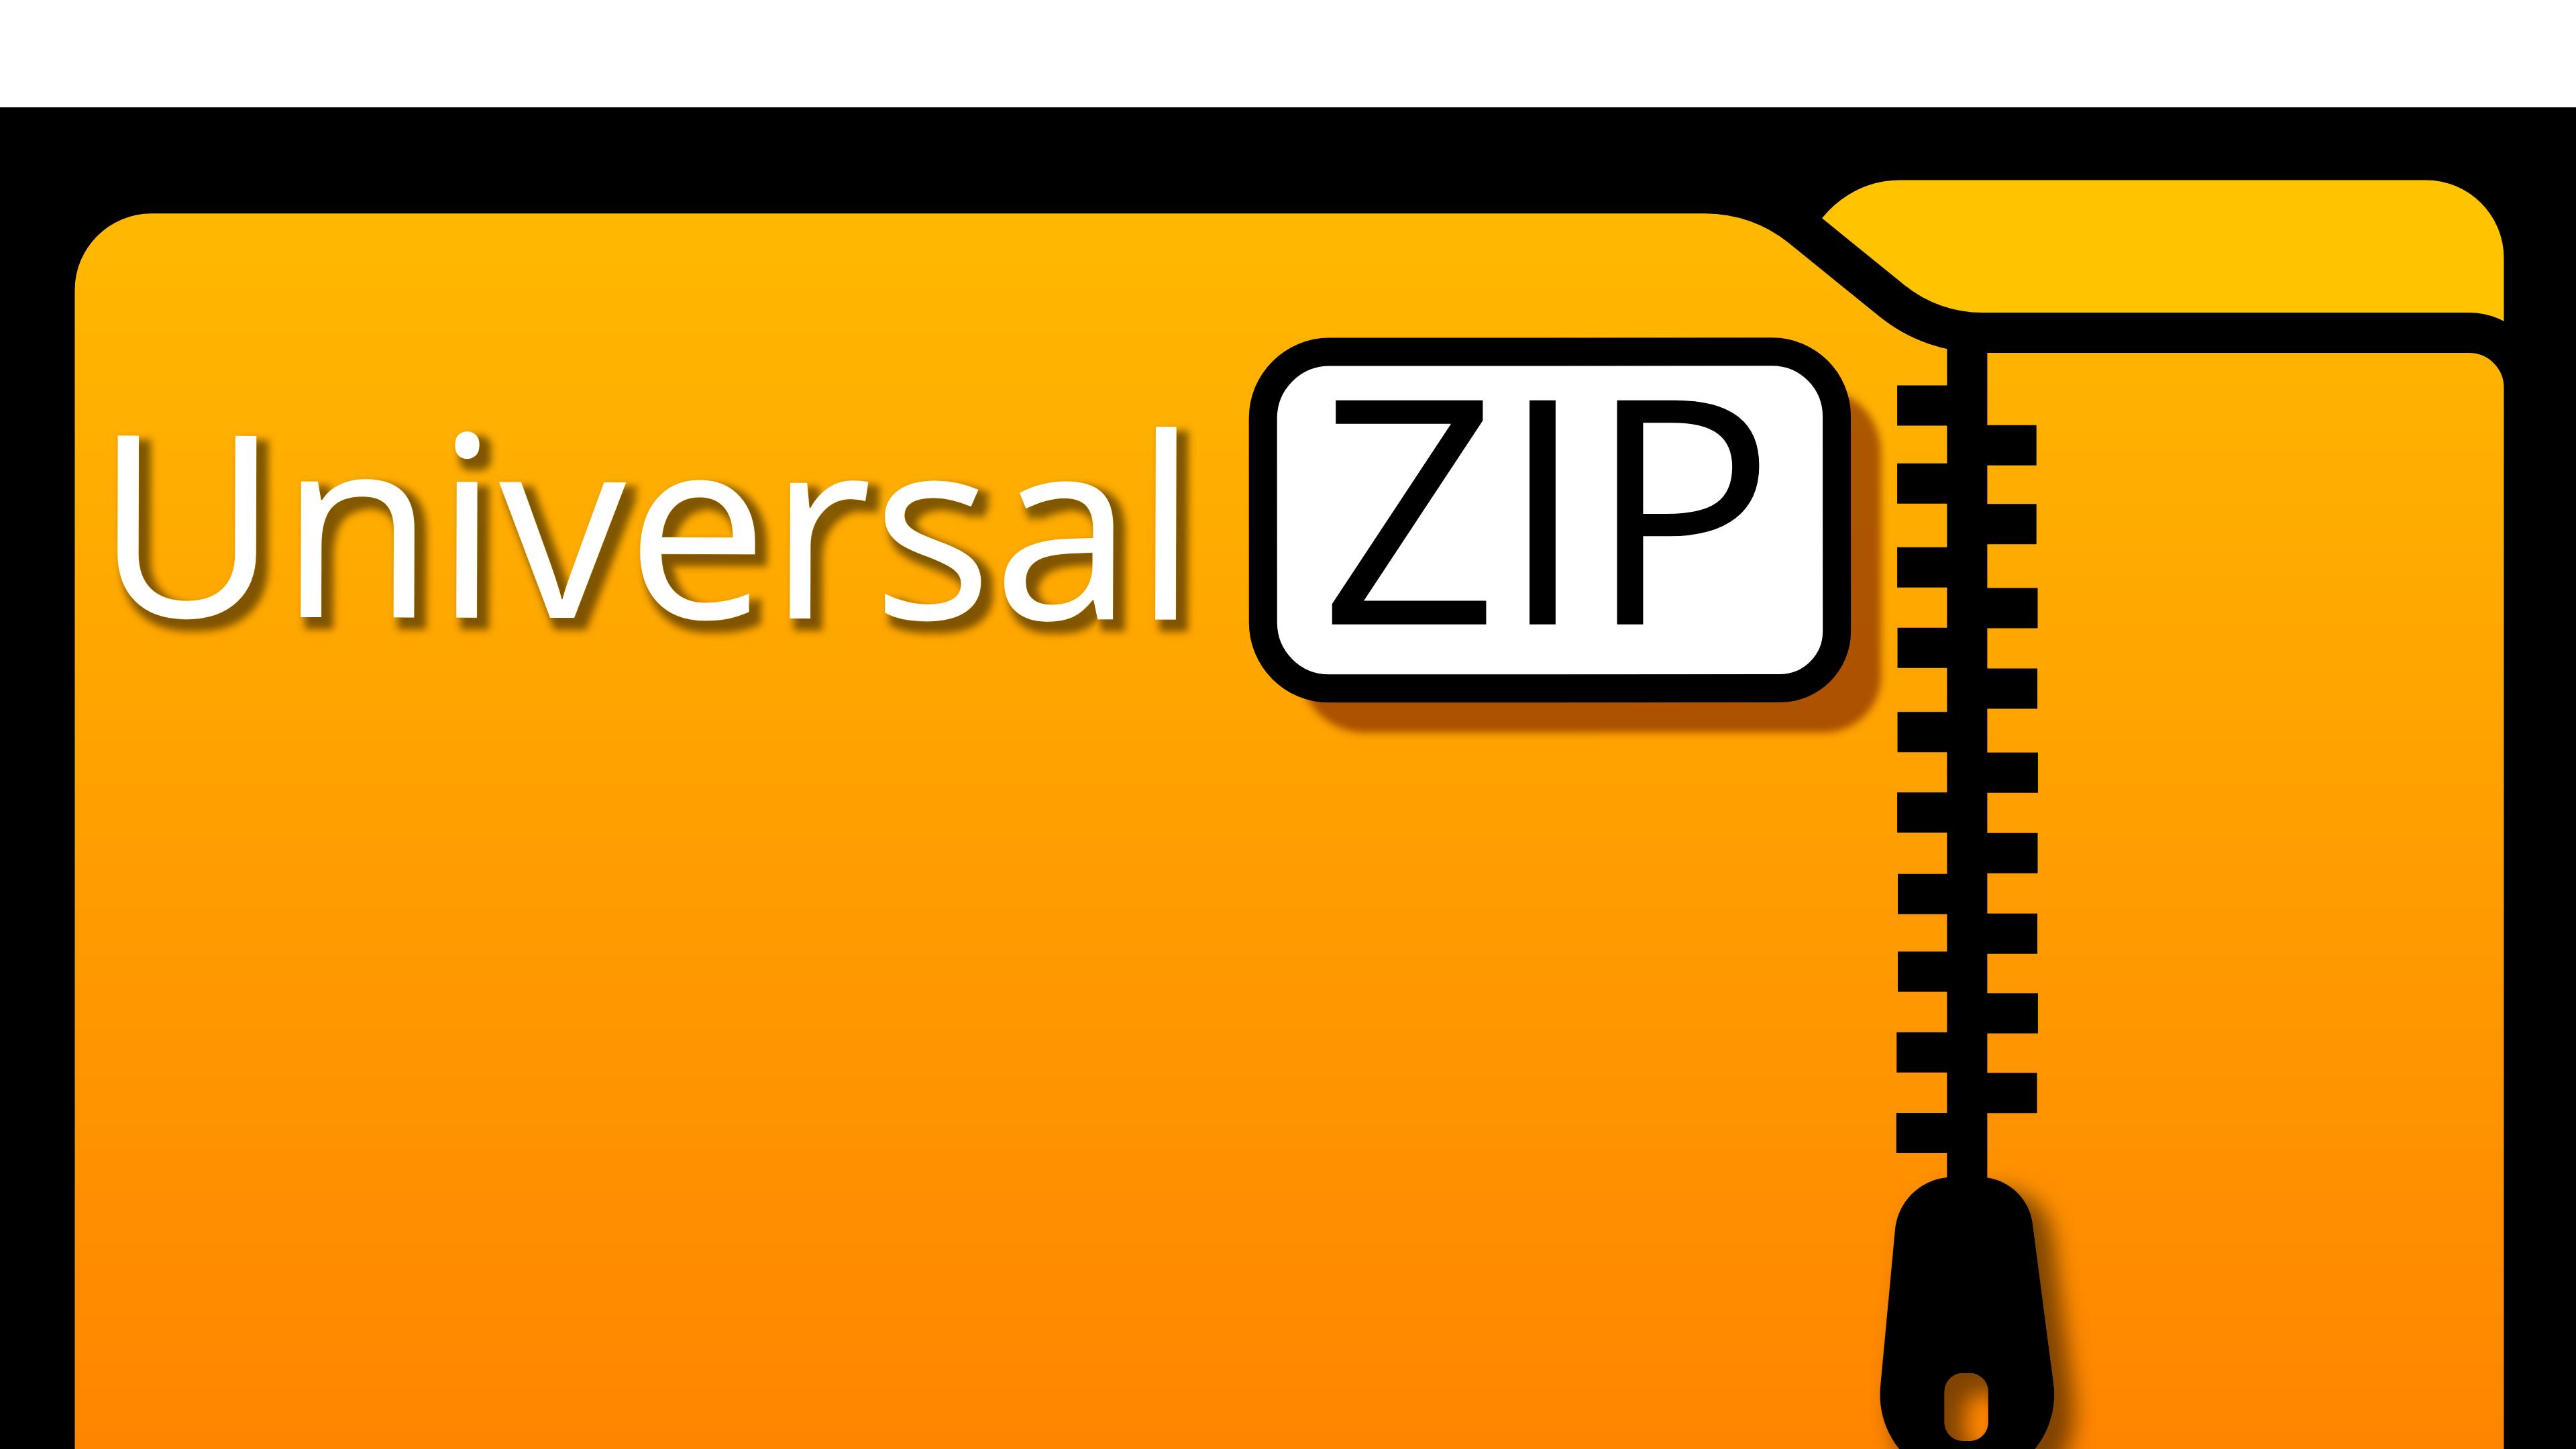 Buy Universal Zip - Microsoft Store